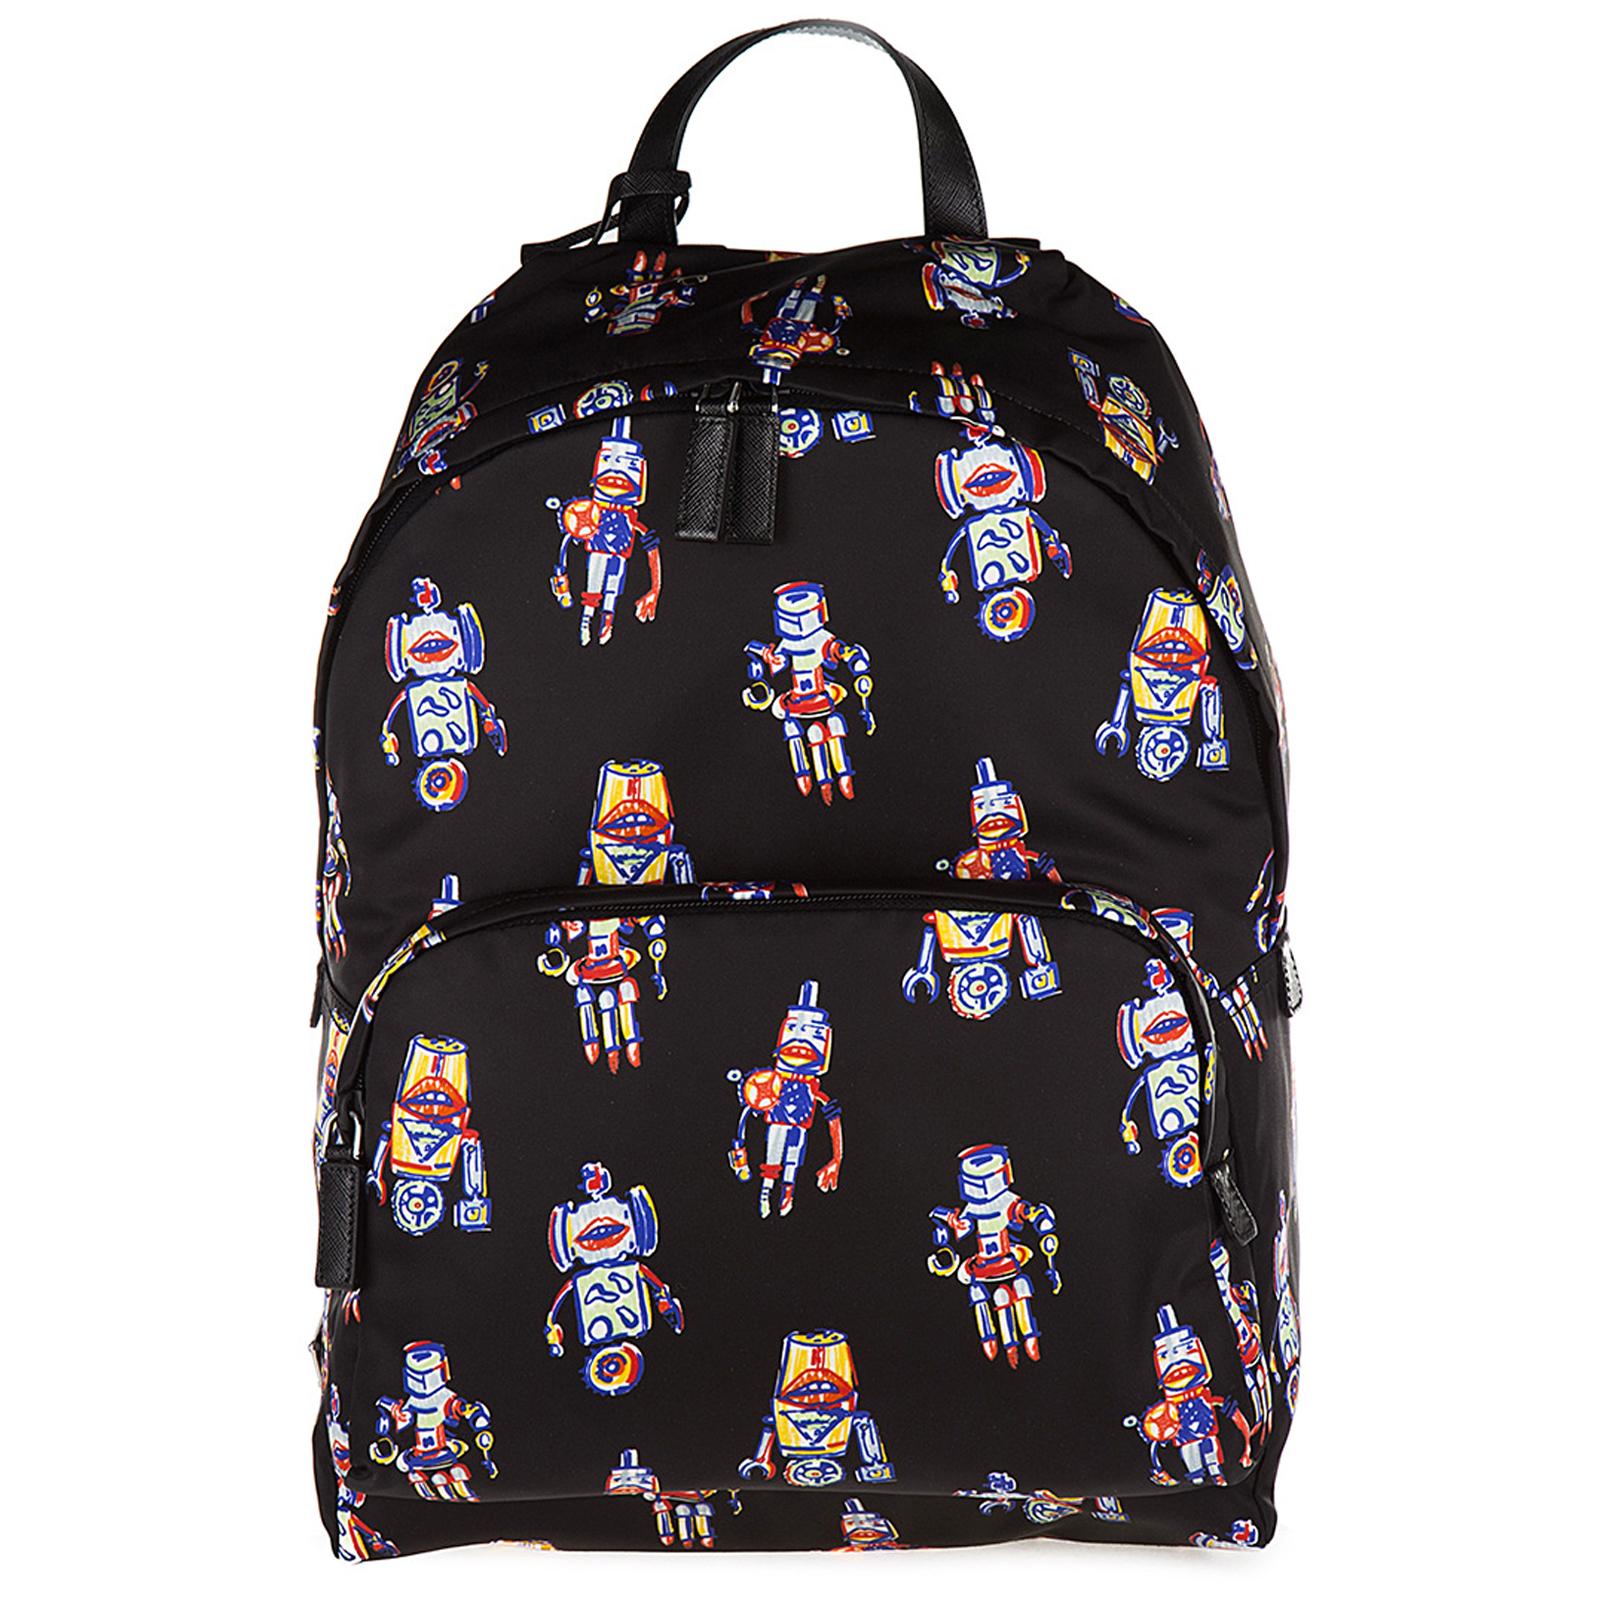 6ca910ad199f Prada Men s nylon rucksack backpack travel robot